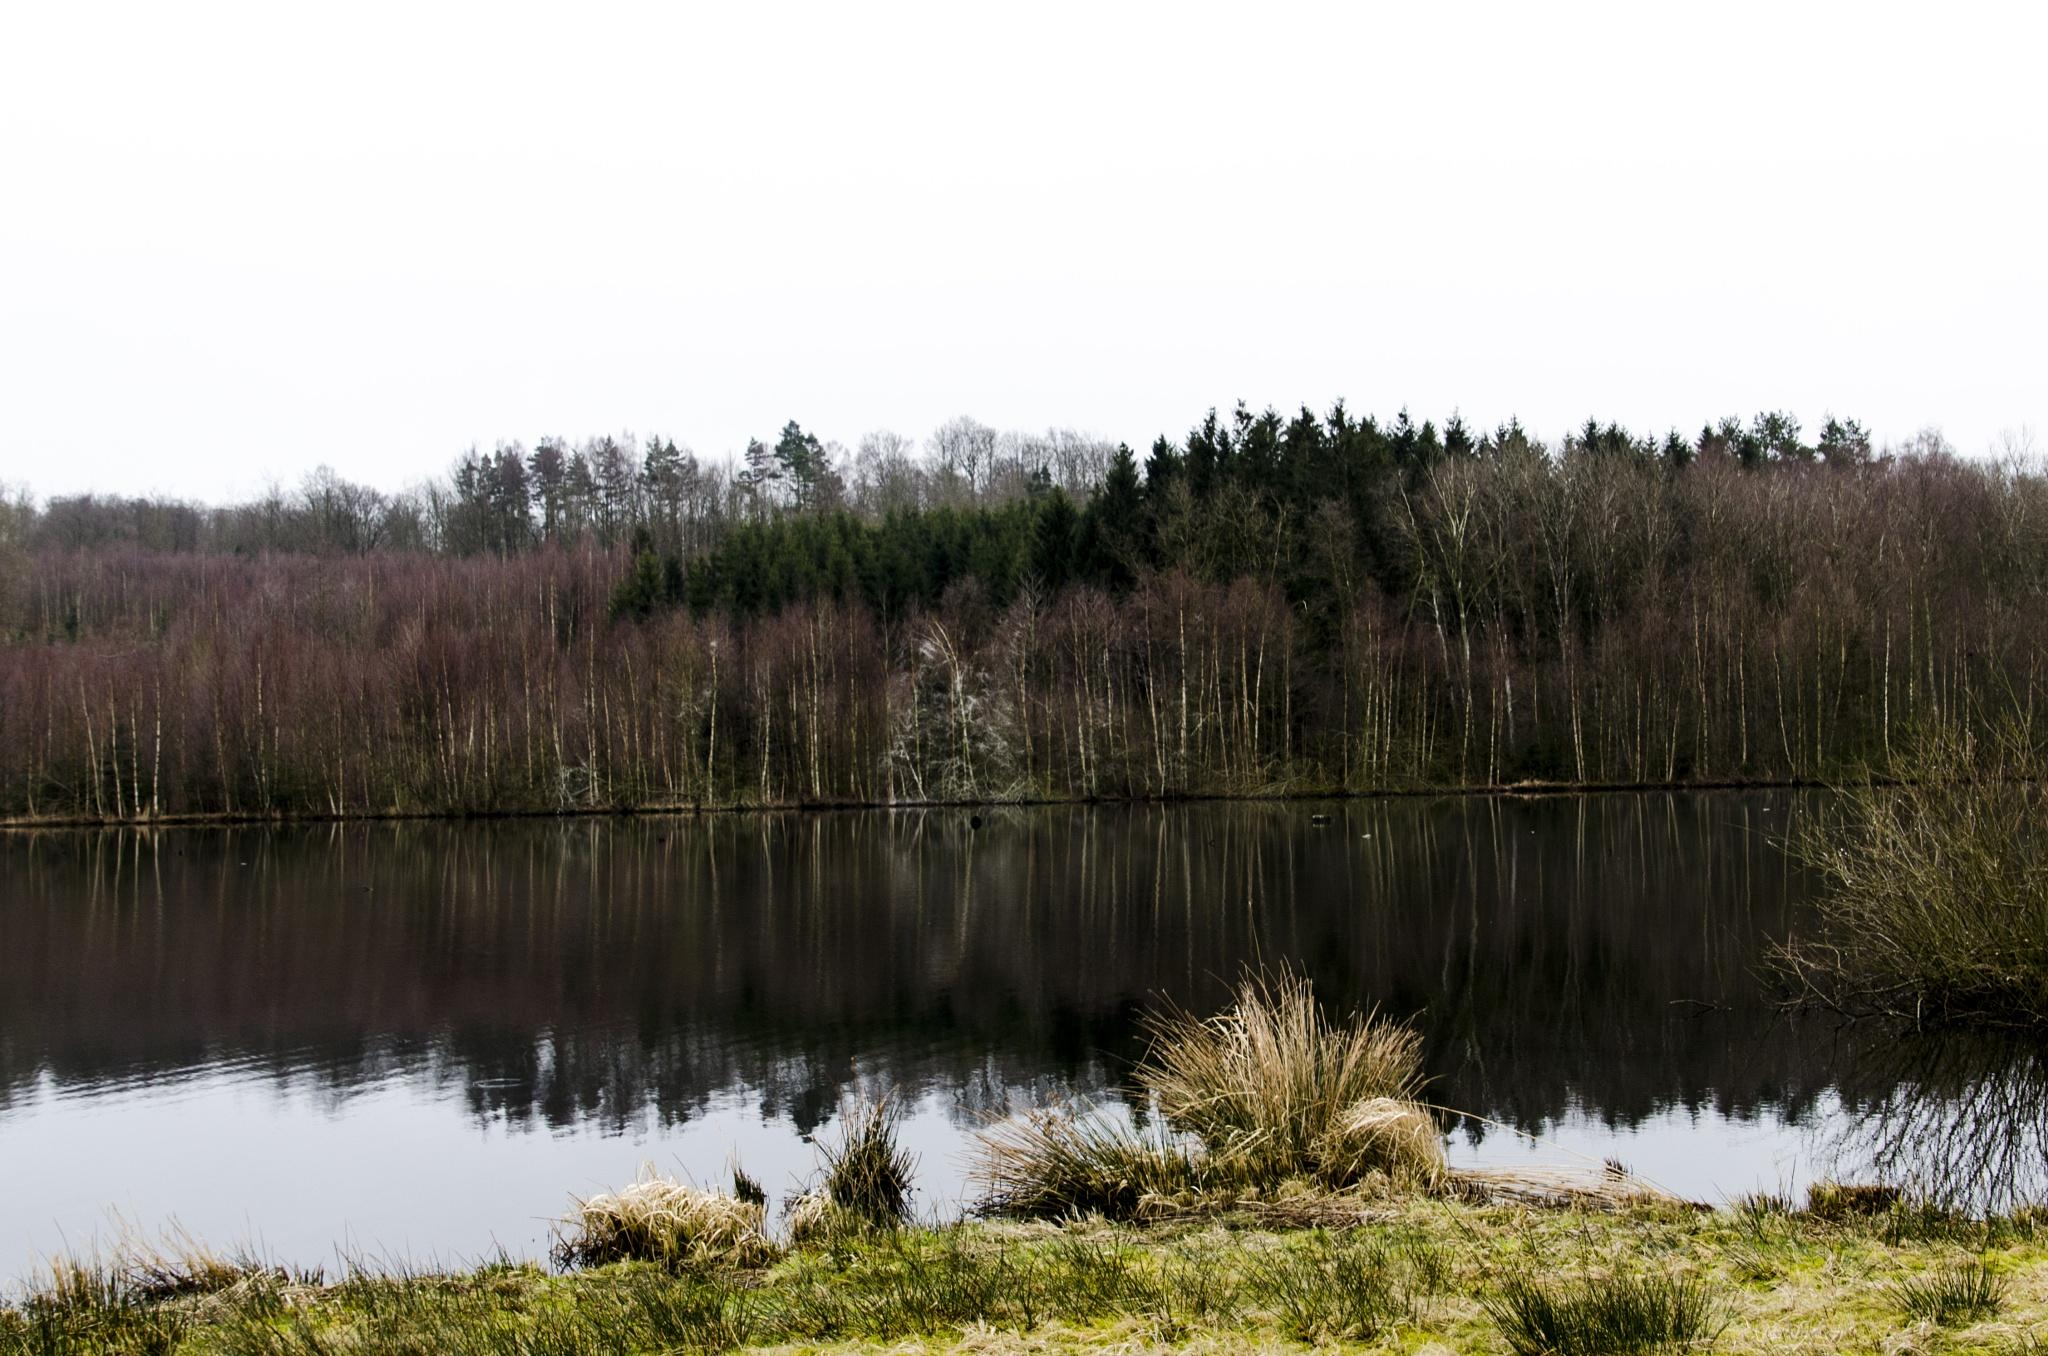 Landscape by Johnny Lythell